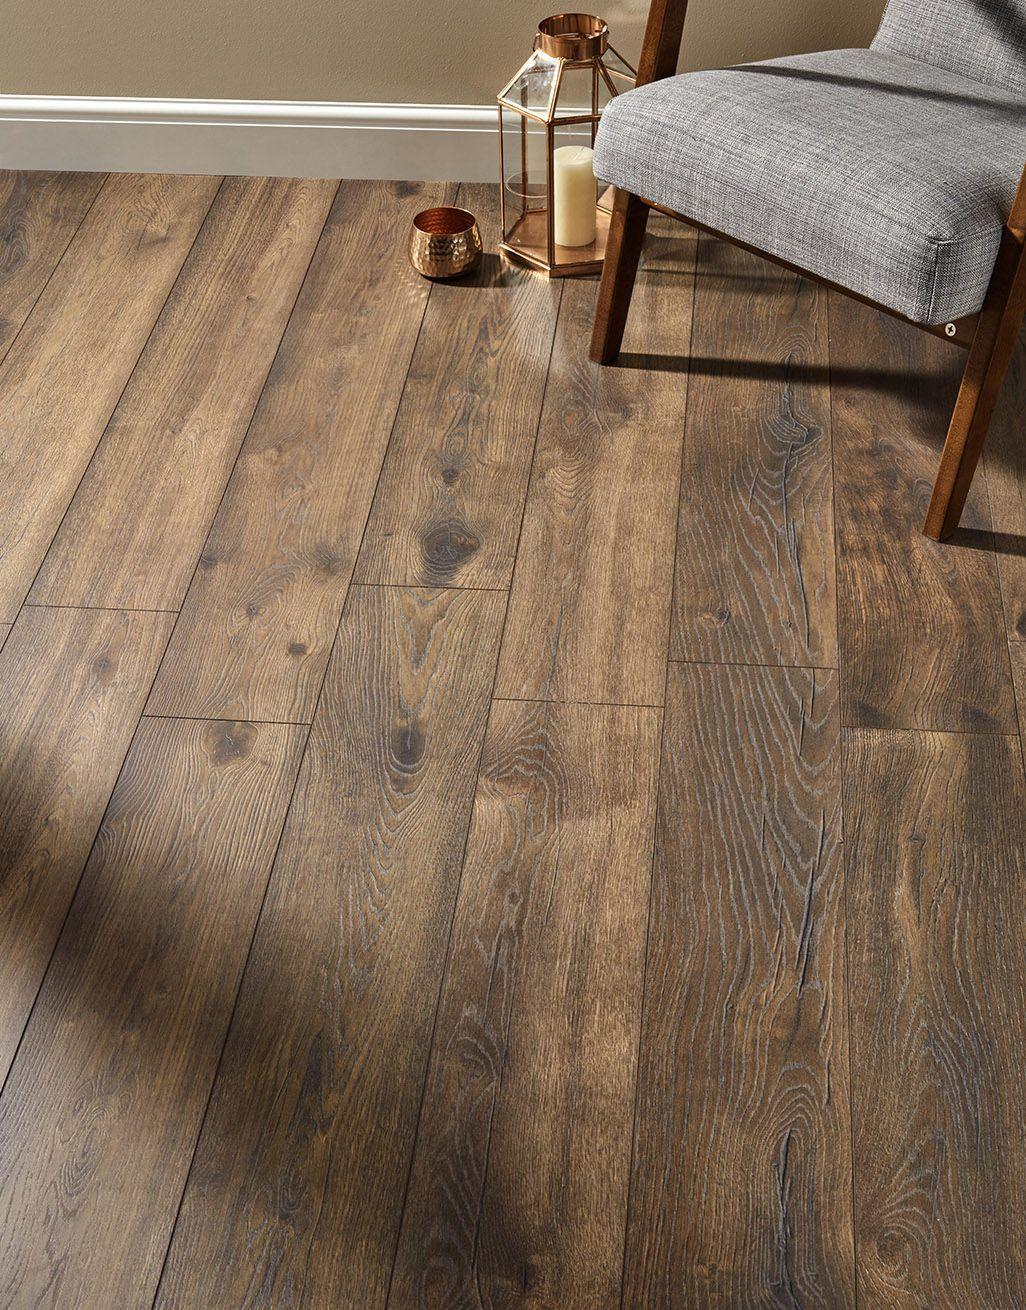 Villa Peterson Oak Laminate Flooring, Real Wood Effect Laminate Flooring